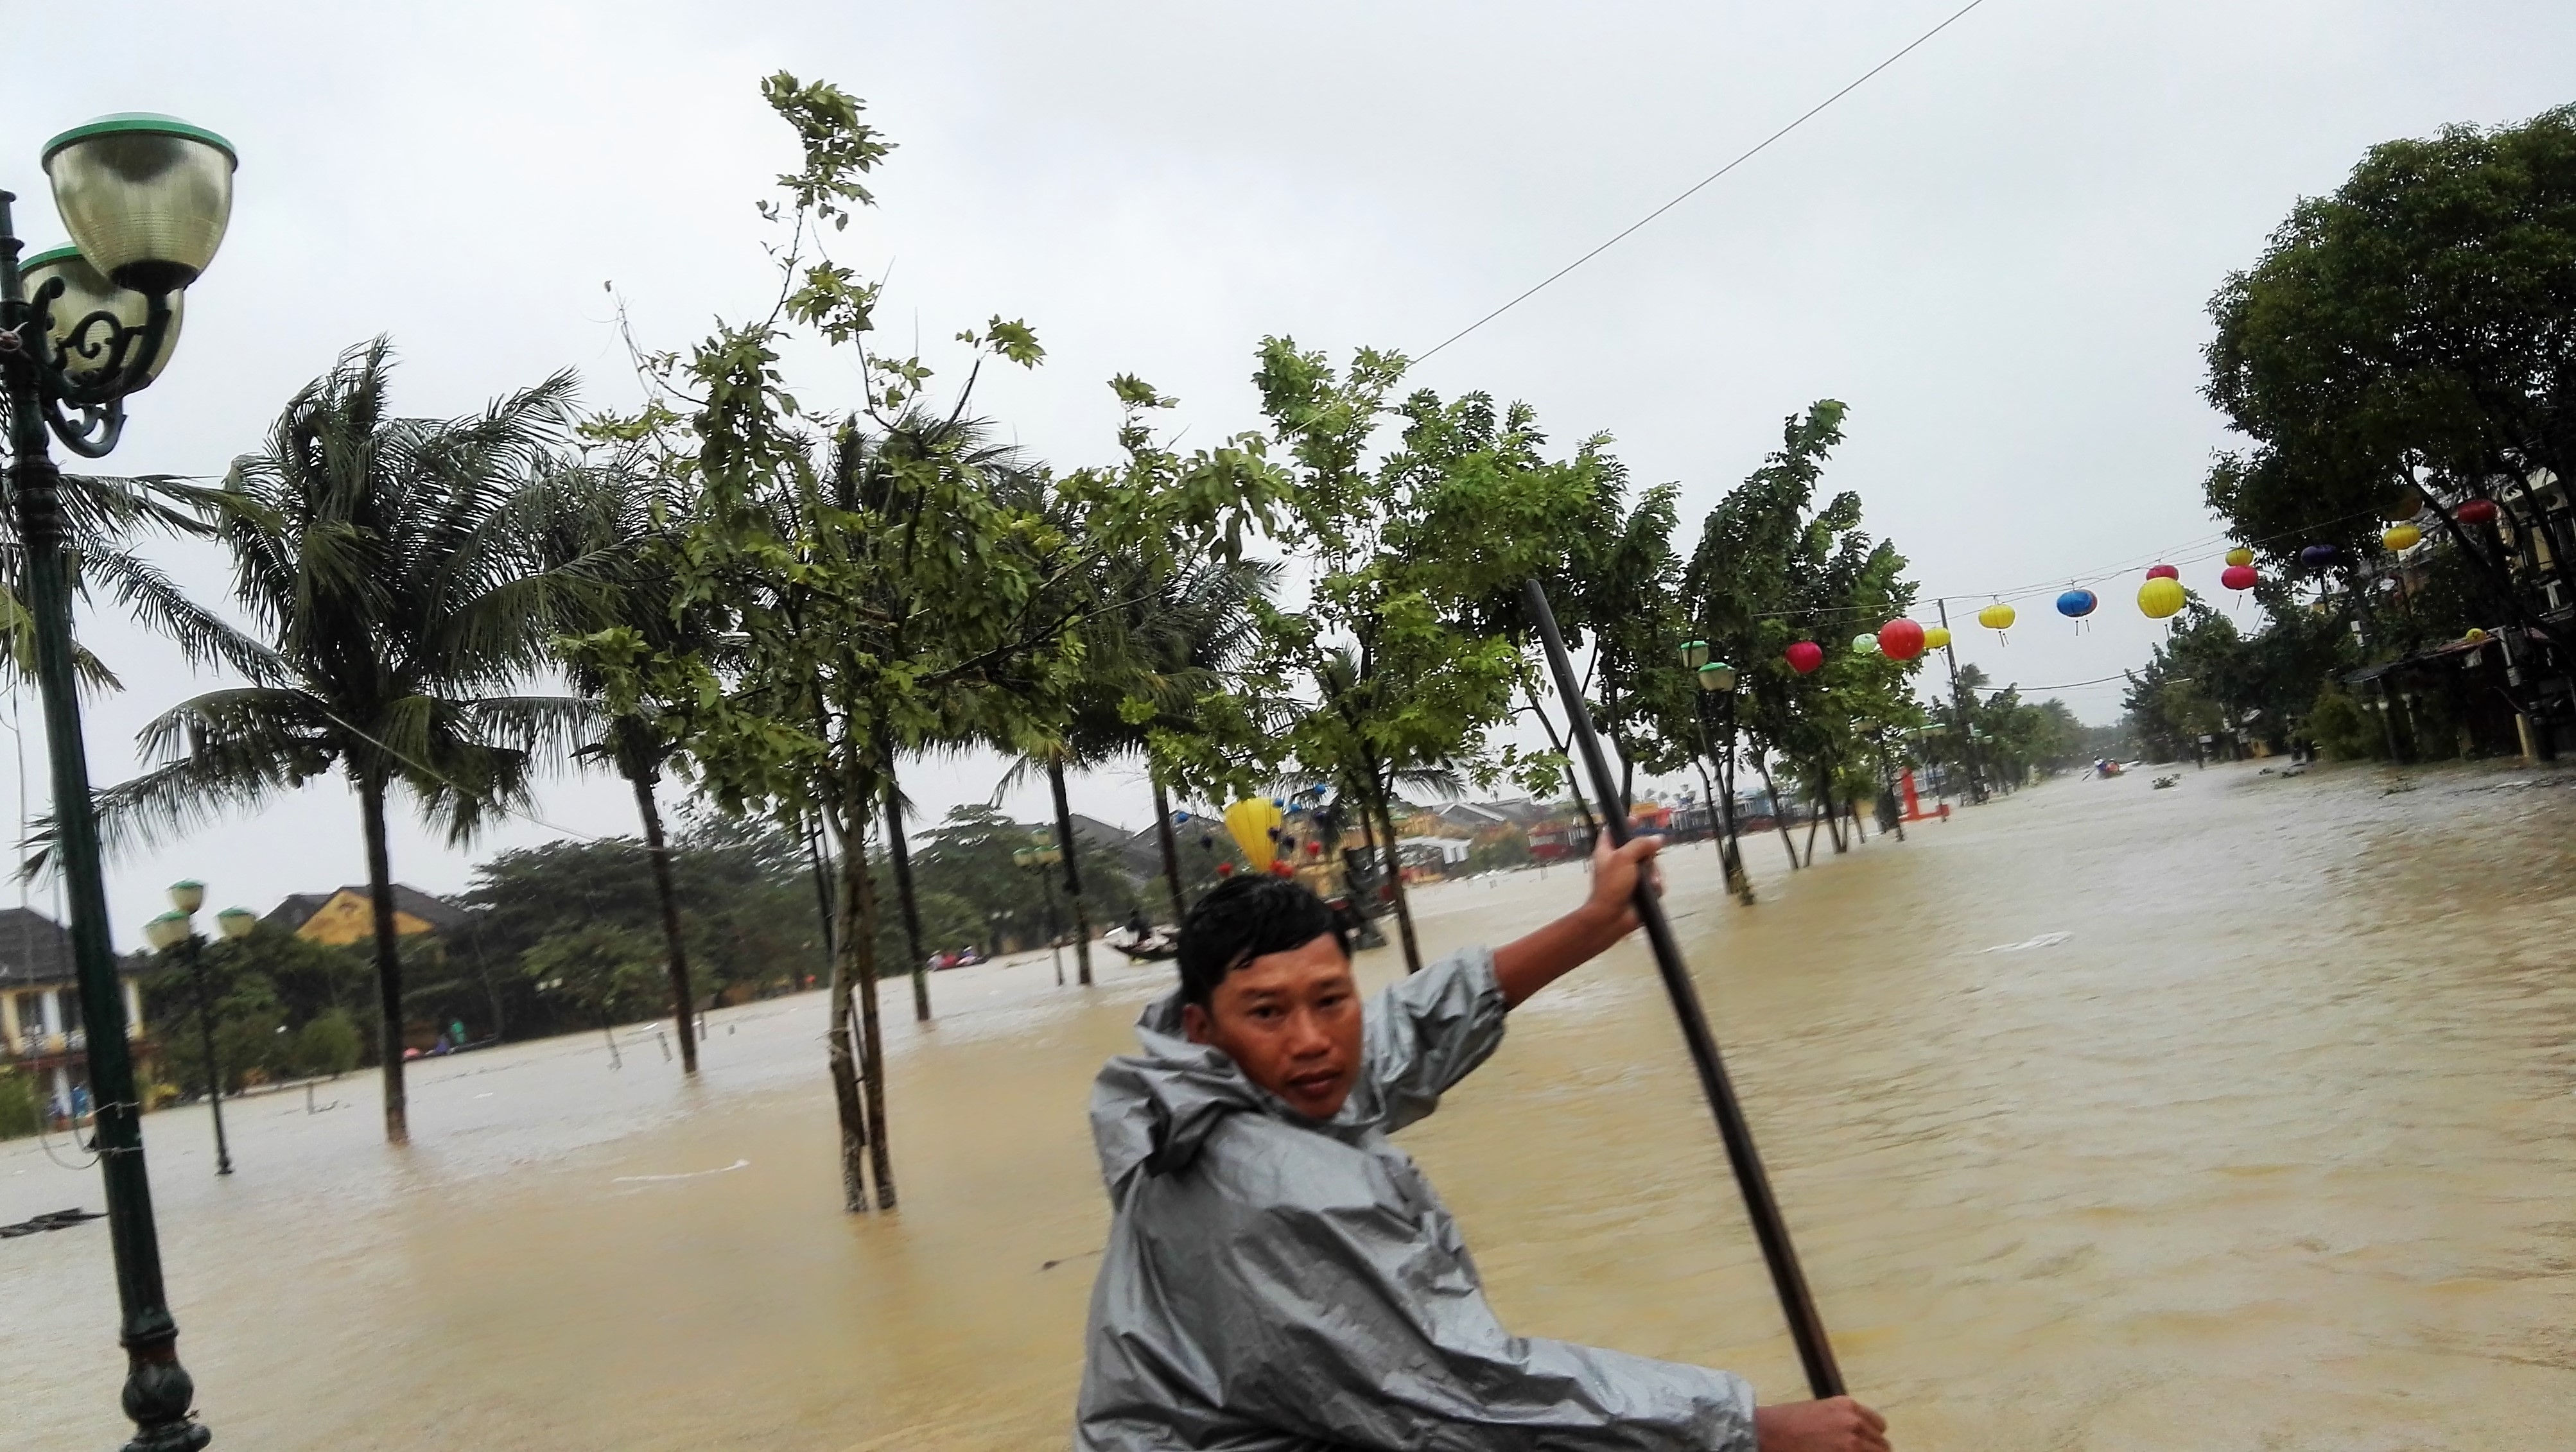 Evacuation Hoi An Sous la pluie Vietnam (22).jpg